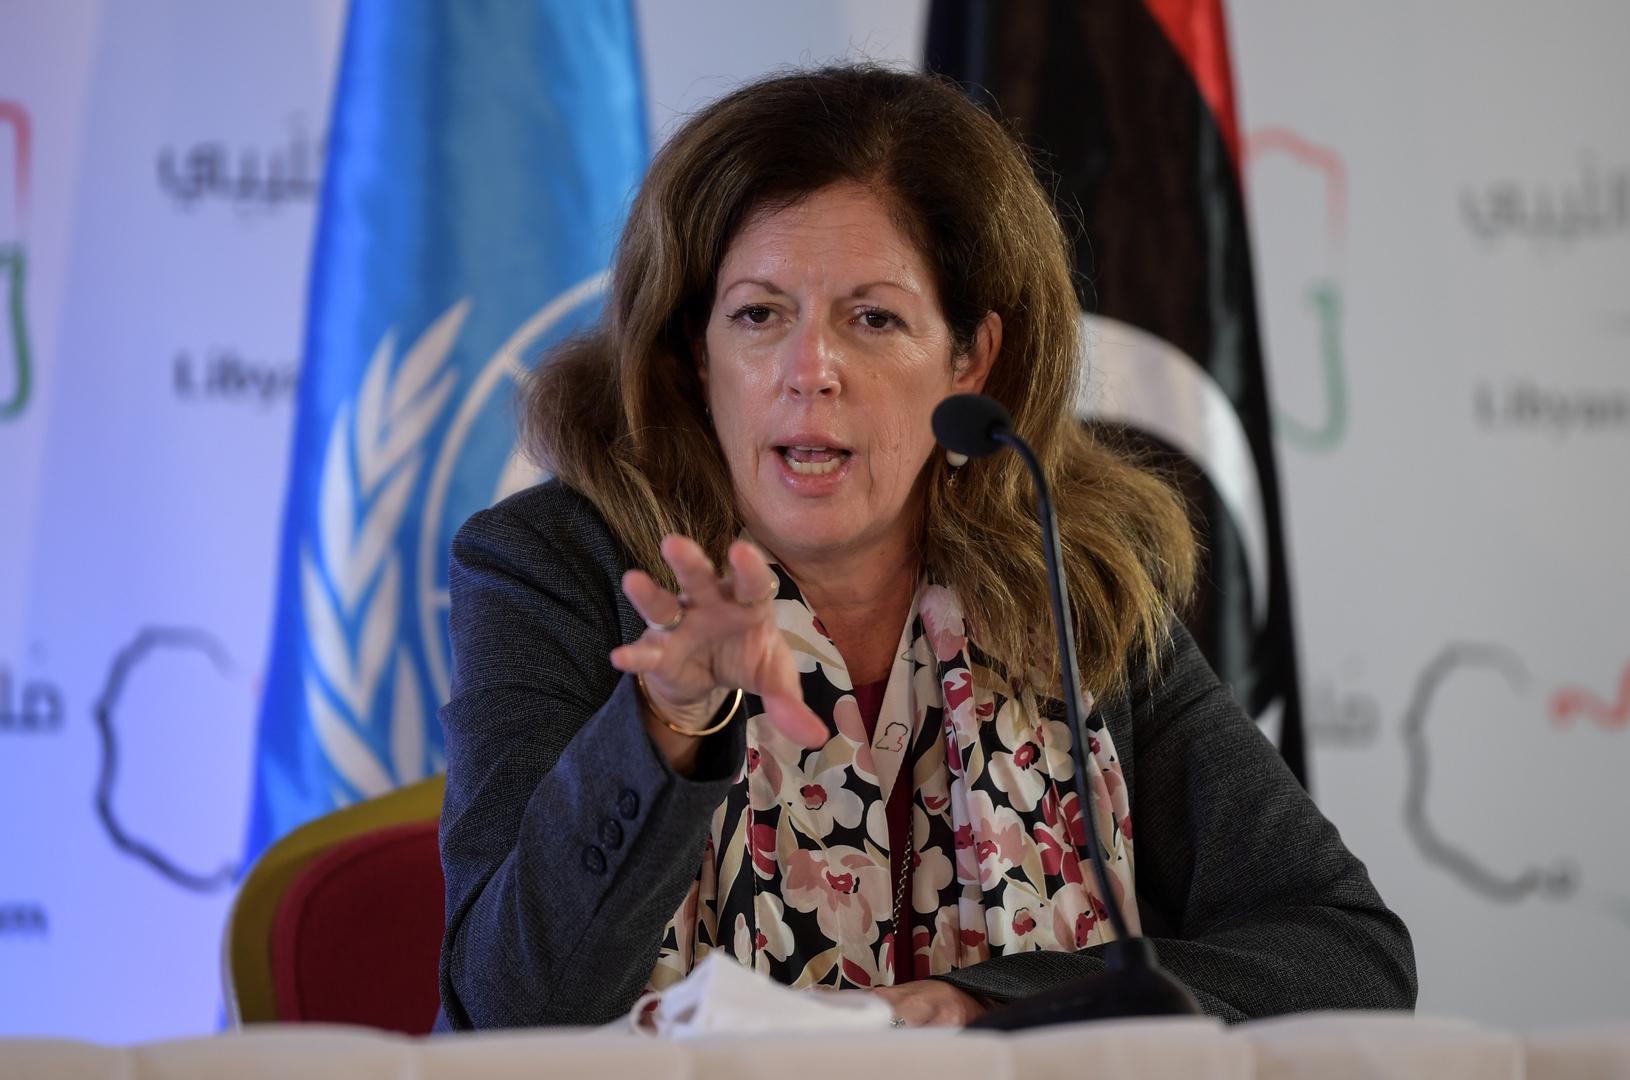 المبعوثة الأممية إلى ليبيا: العد التنازلي بدأ وانتخابات ديسمبر 2021 لا رجعة عنها